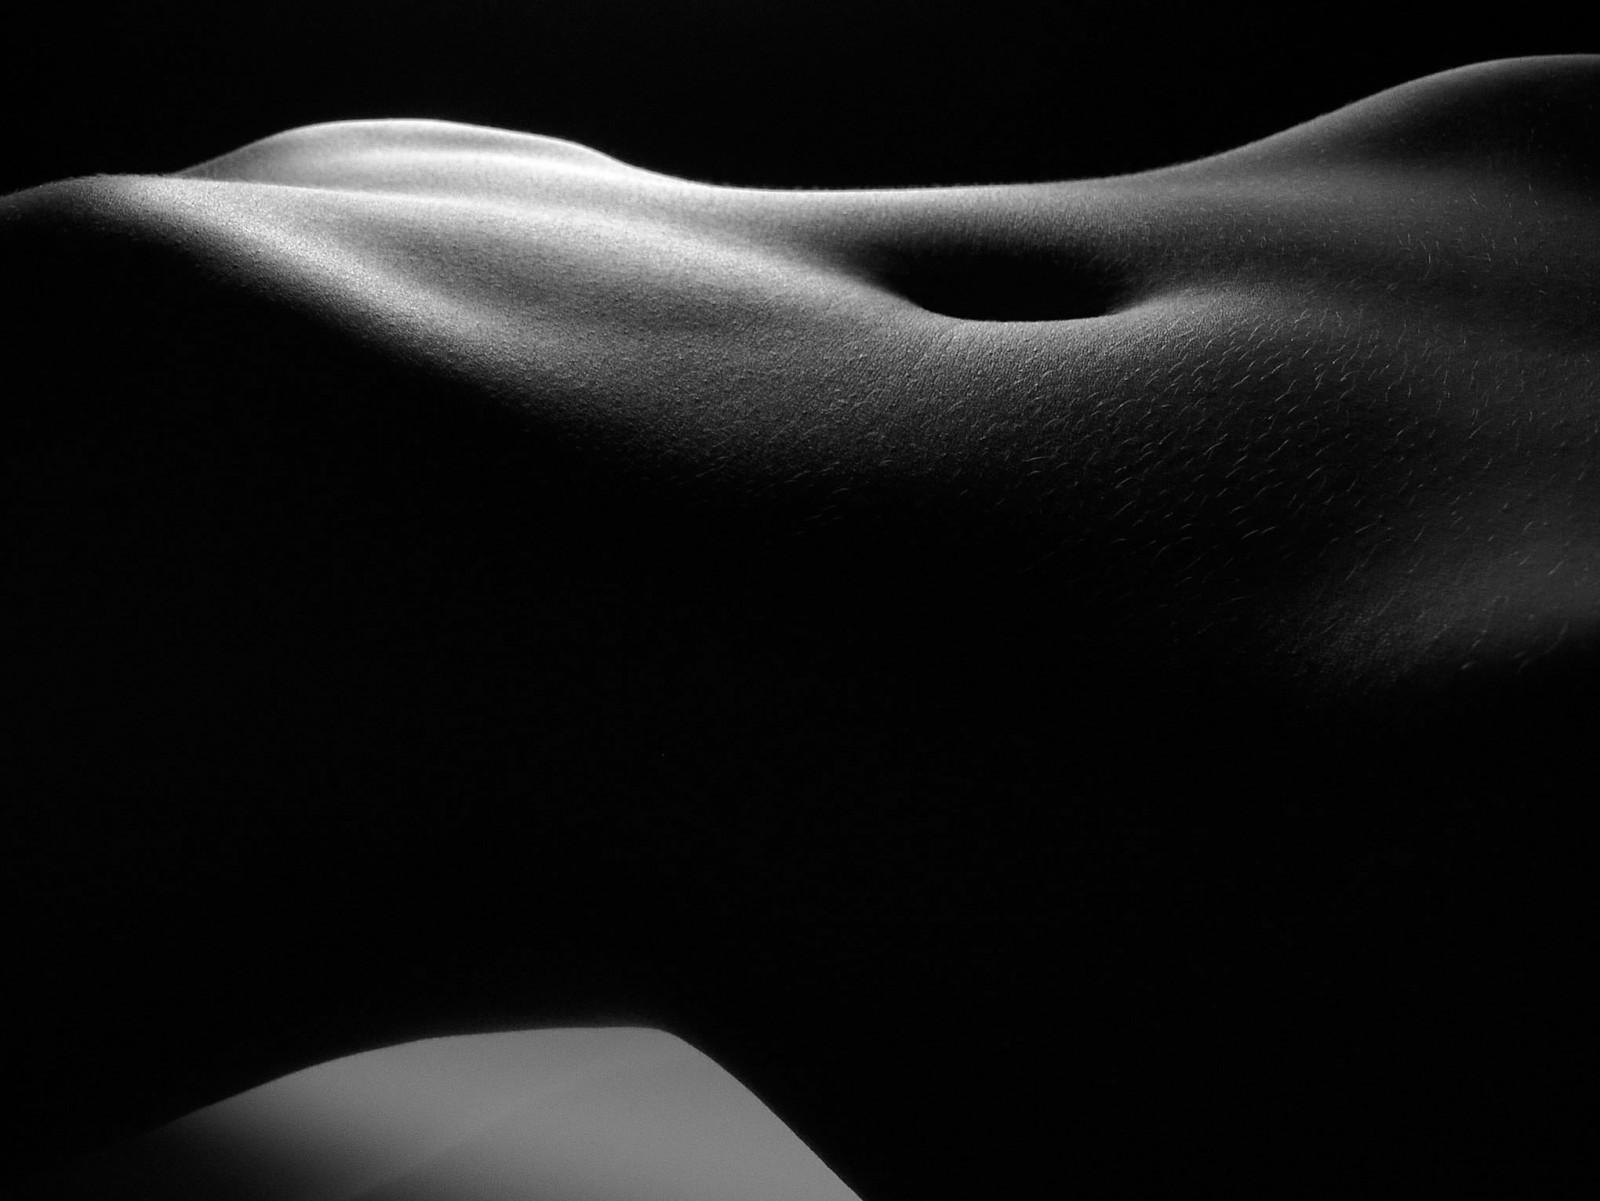 черно-белая фотография женского тела если его включаю